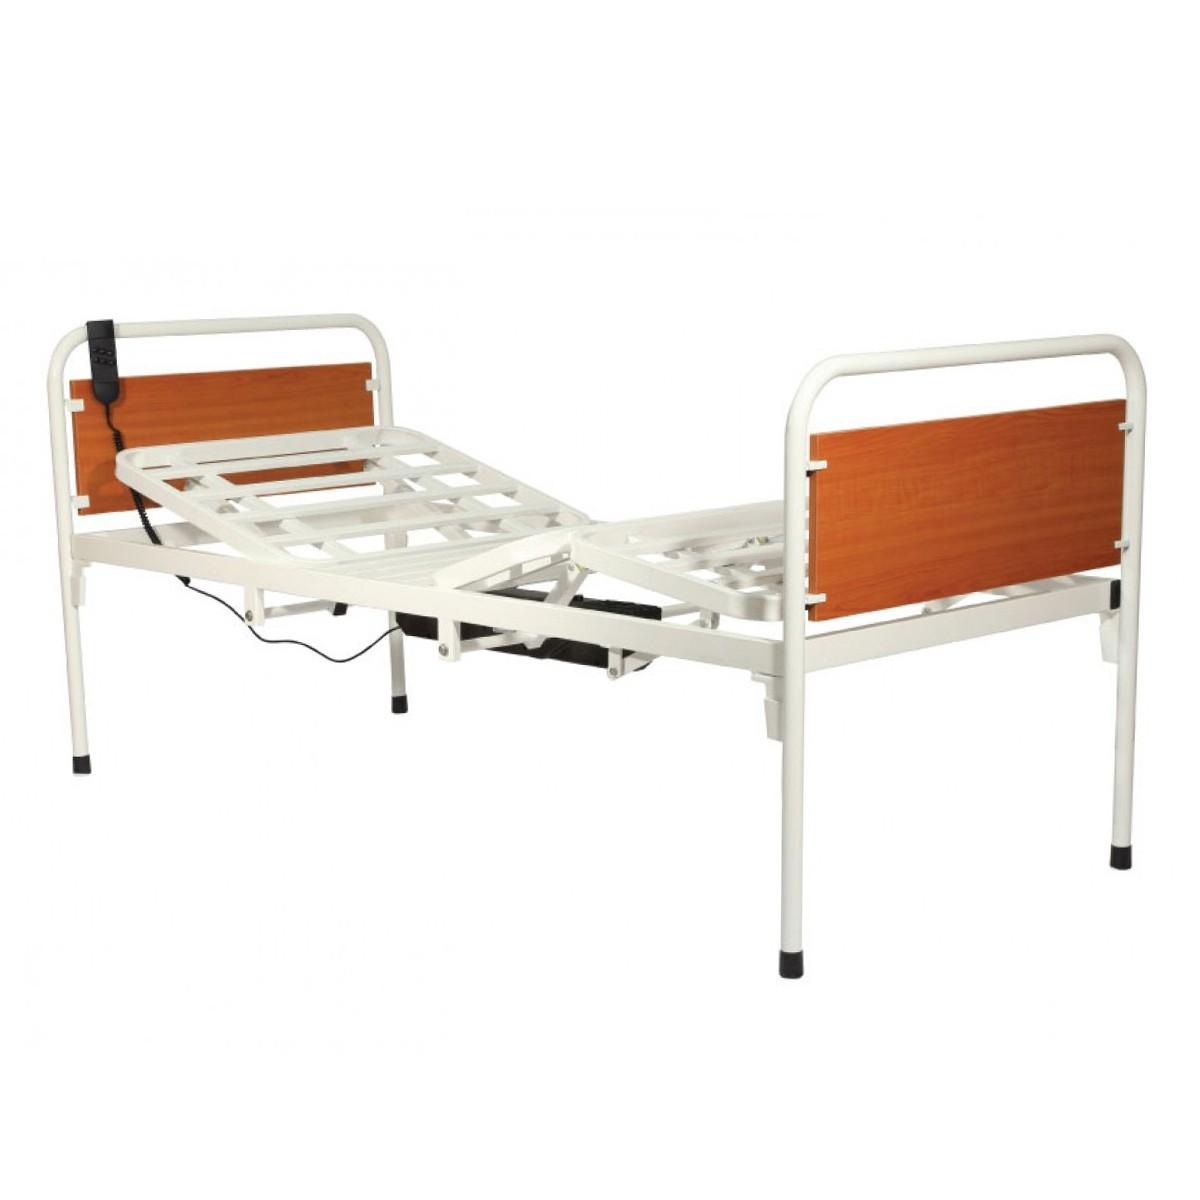 Letto elettrico per disabili a 3 snodi Termigea L9